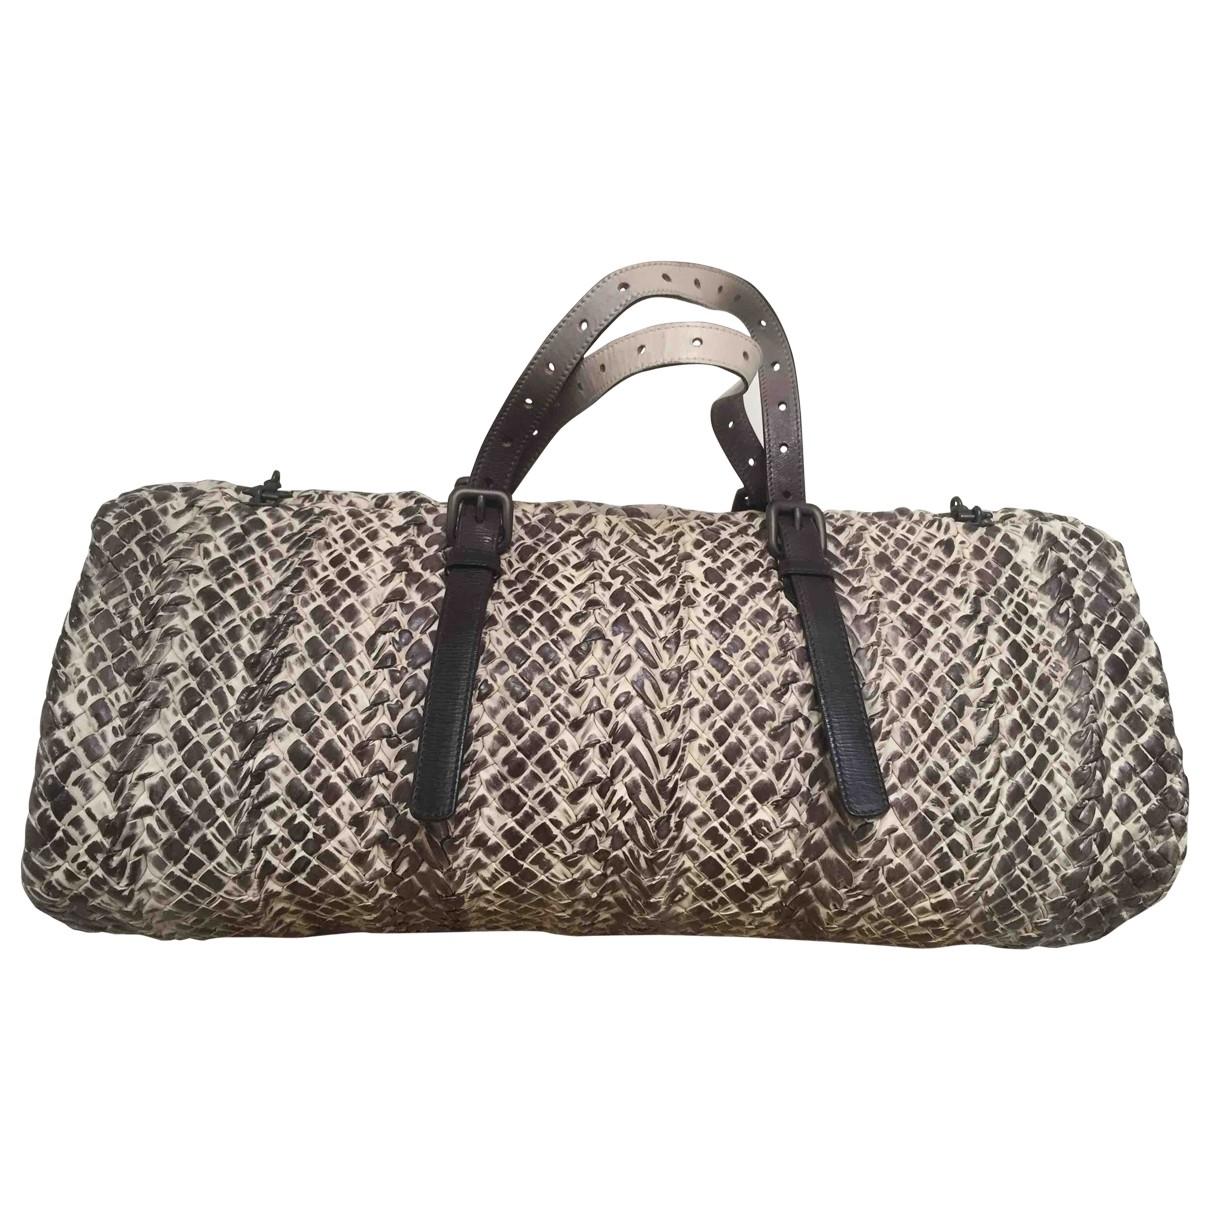 Bottega Veneta \N Handtasche in  Grau Leder